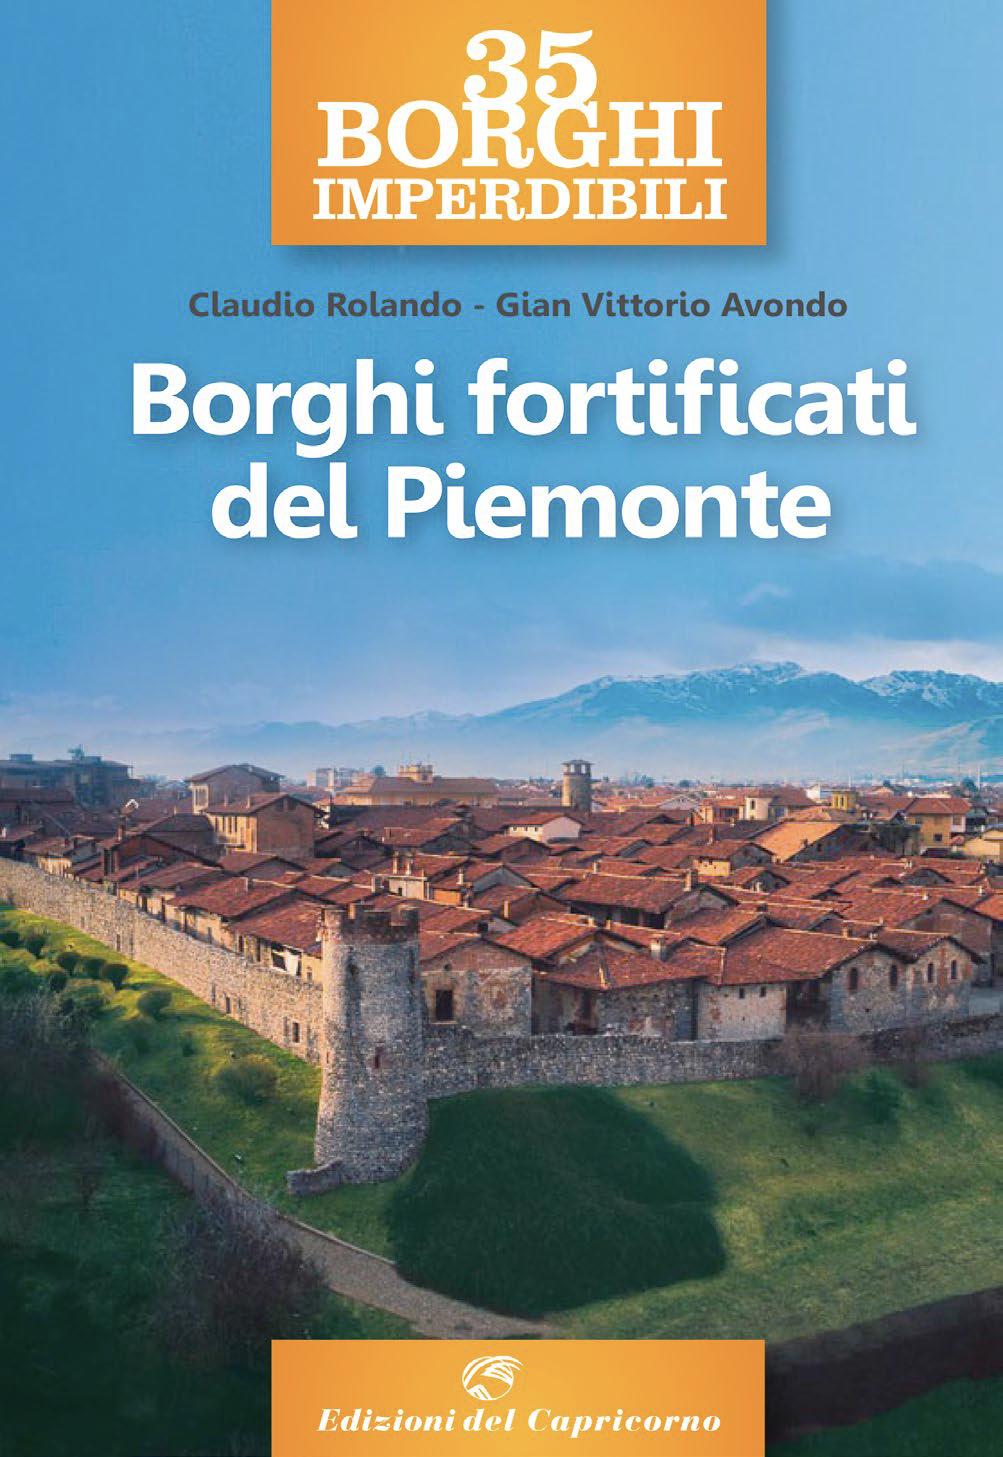 Borghi fortificati del Piemonte